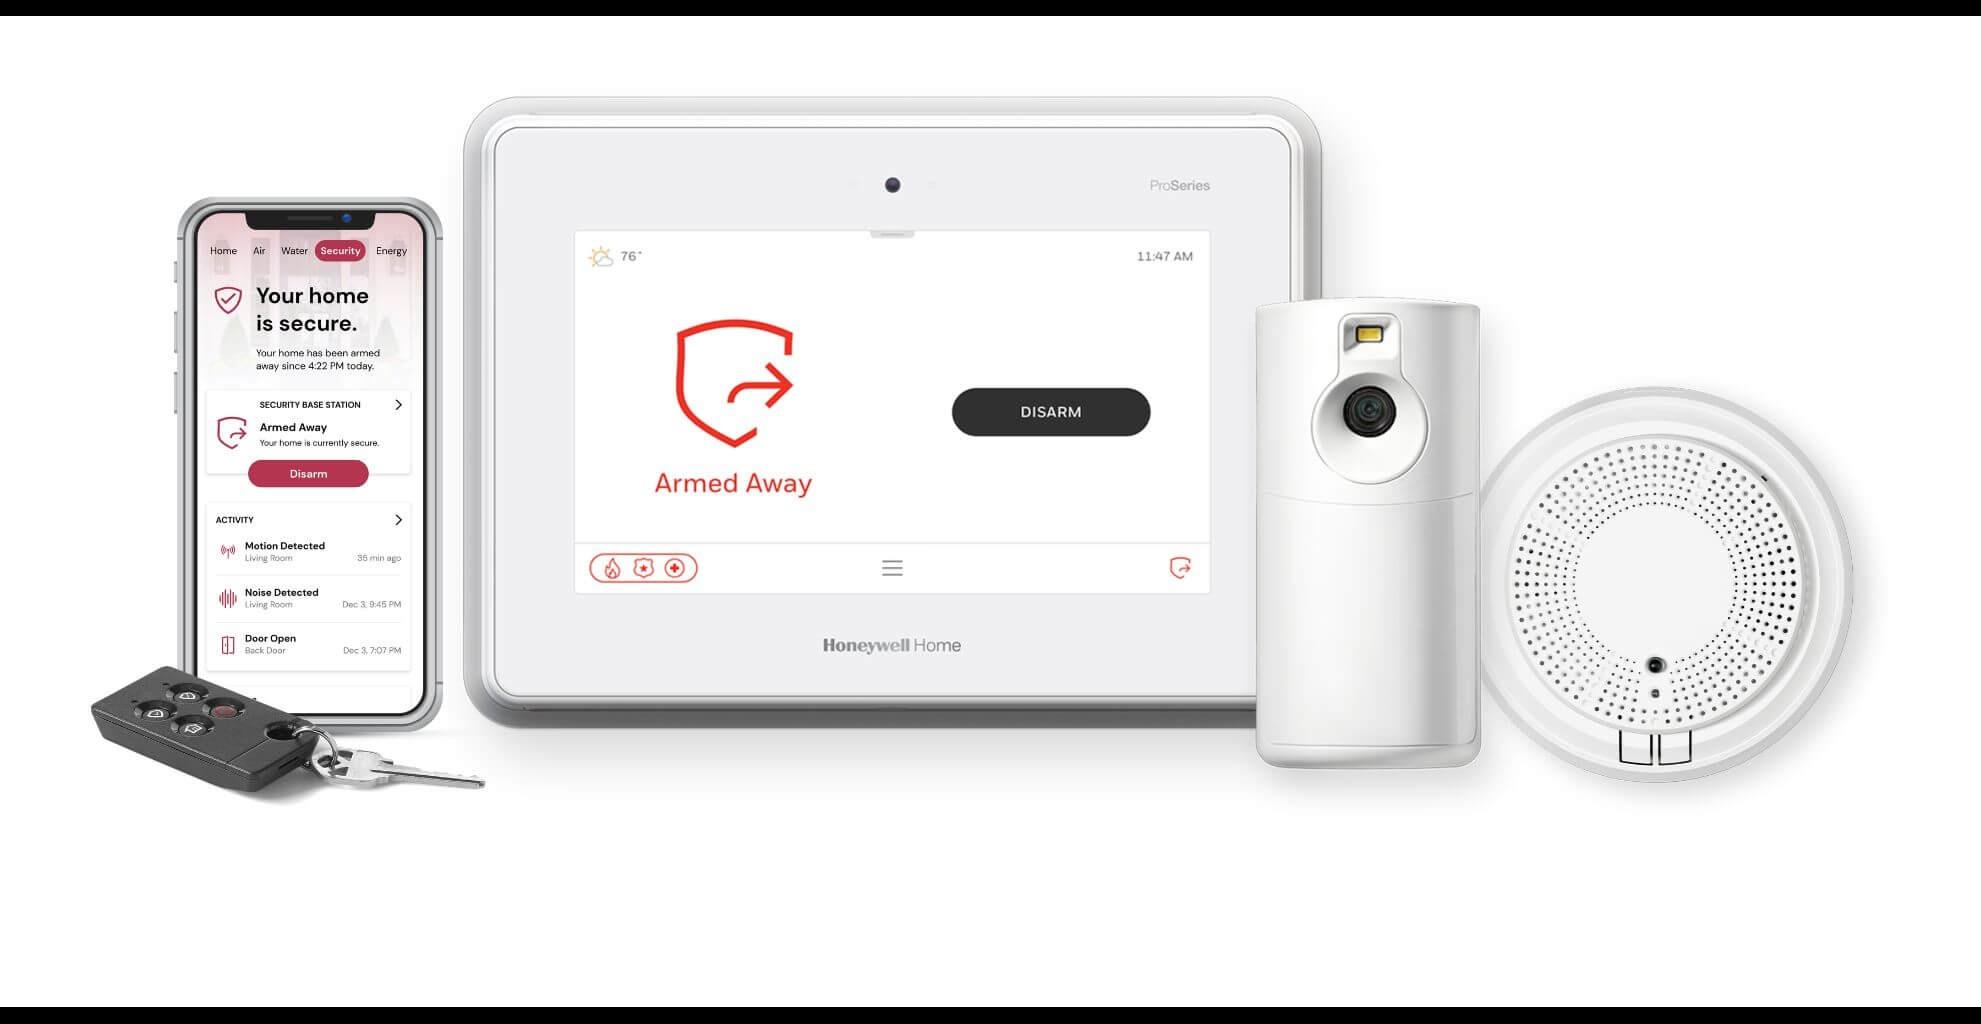 AB_Security-App_AIO_SECURITY.JPG